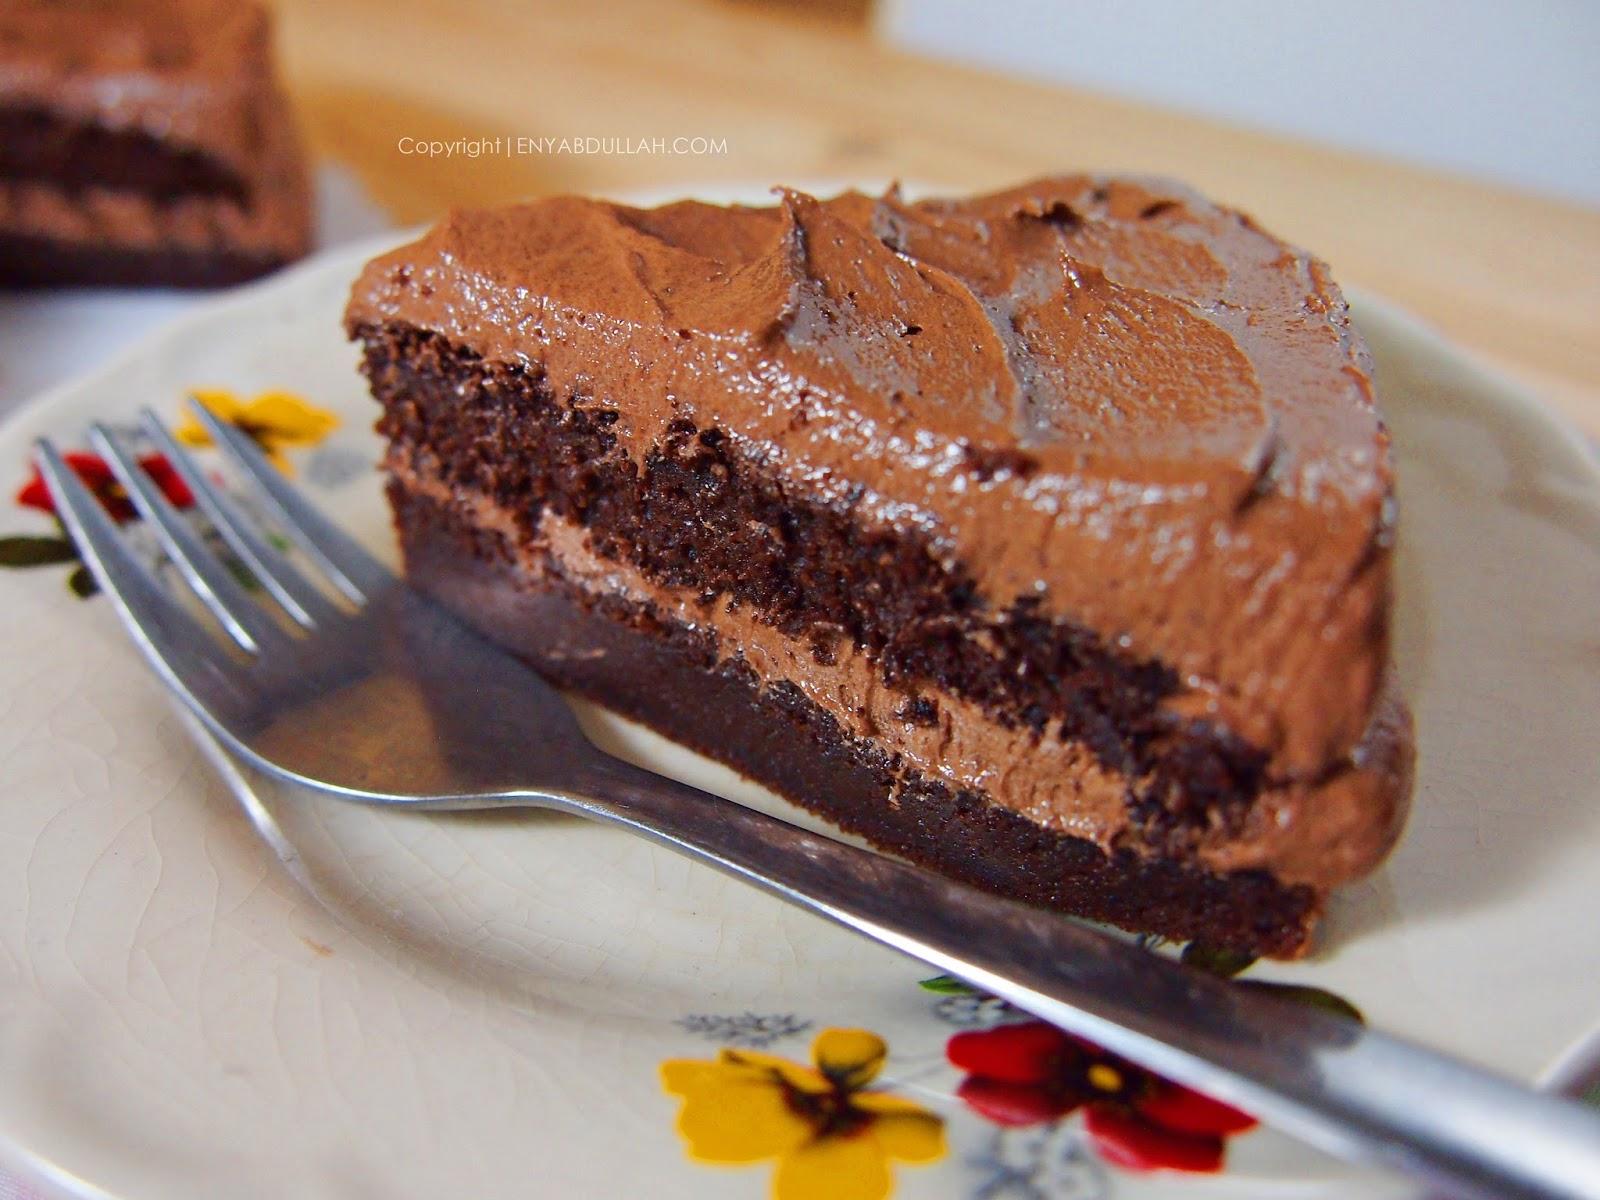 Resepi Carrot Cake Simple Dan Mudah Enyabdullahcom